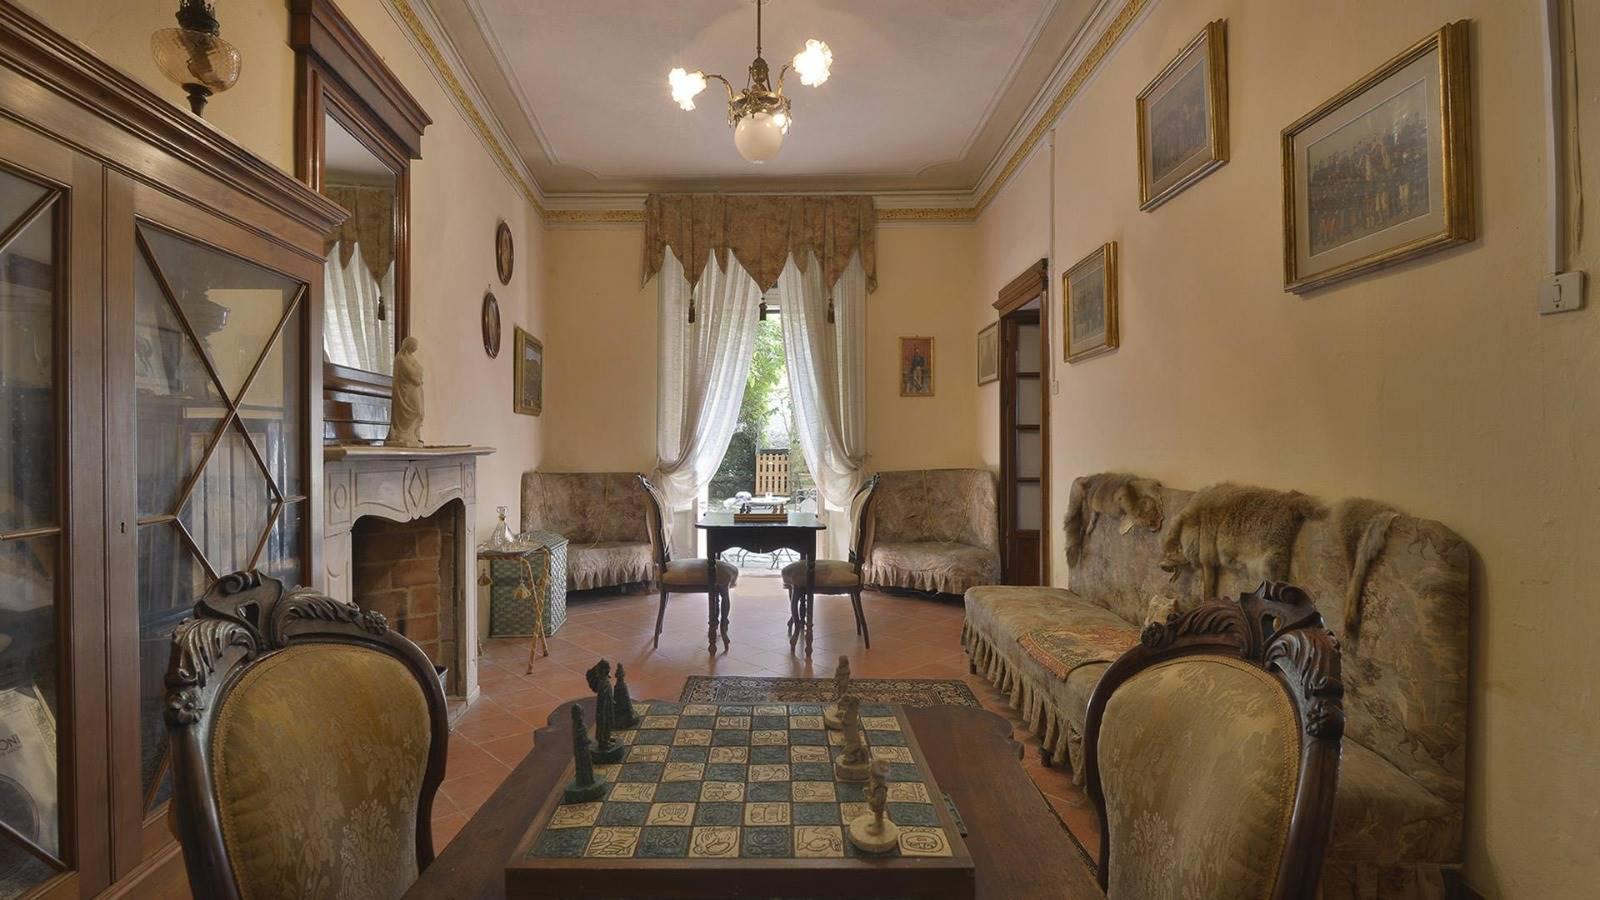 Sala degli scacchi - Chess room